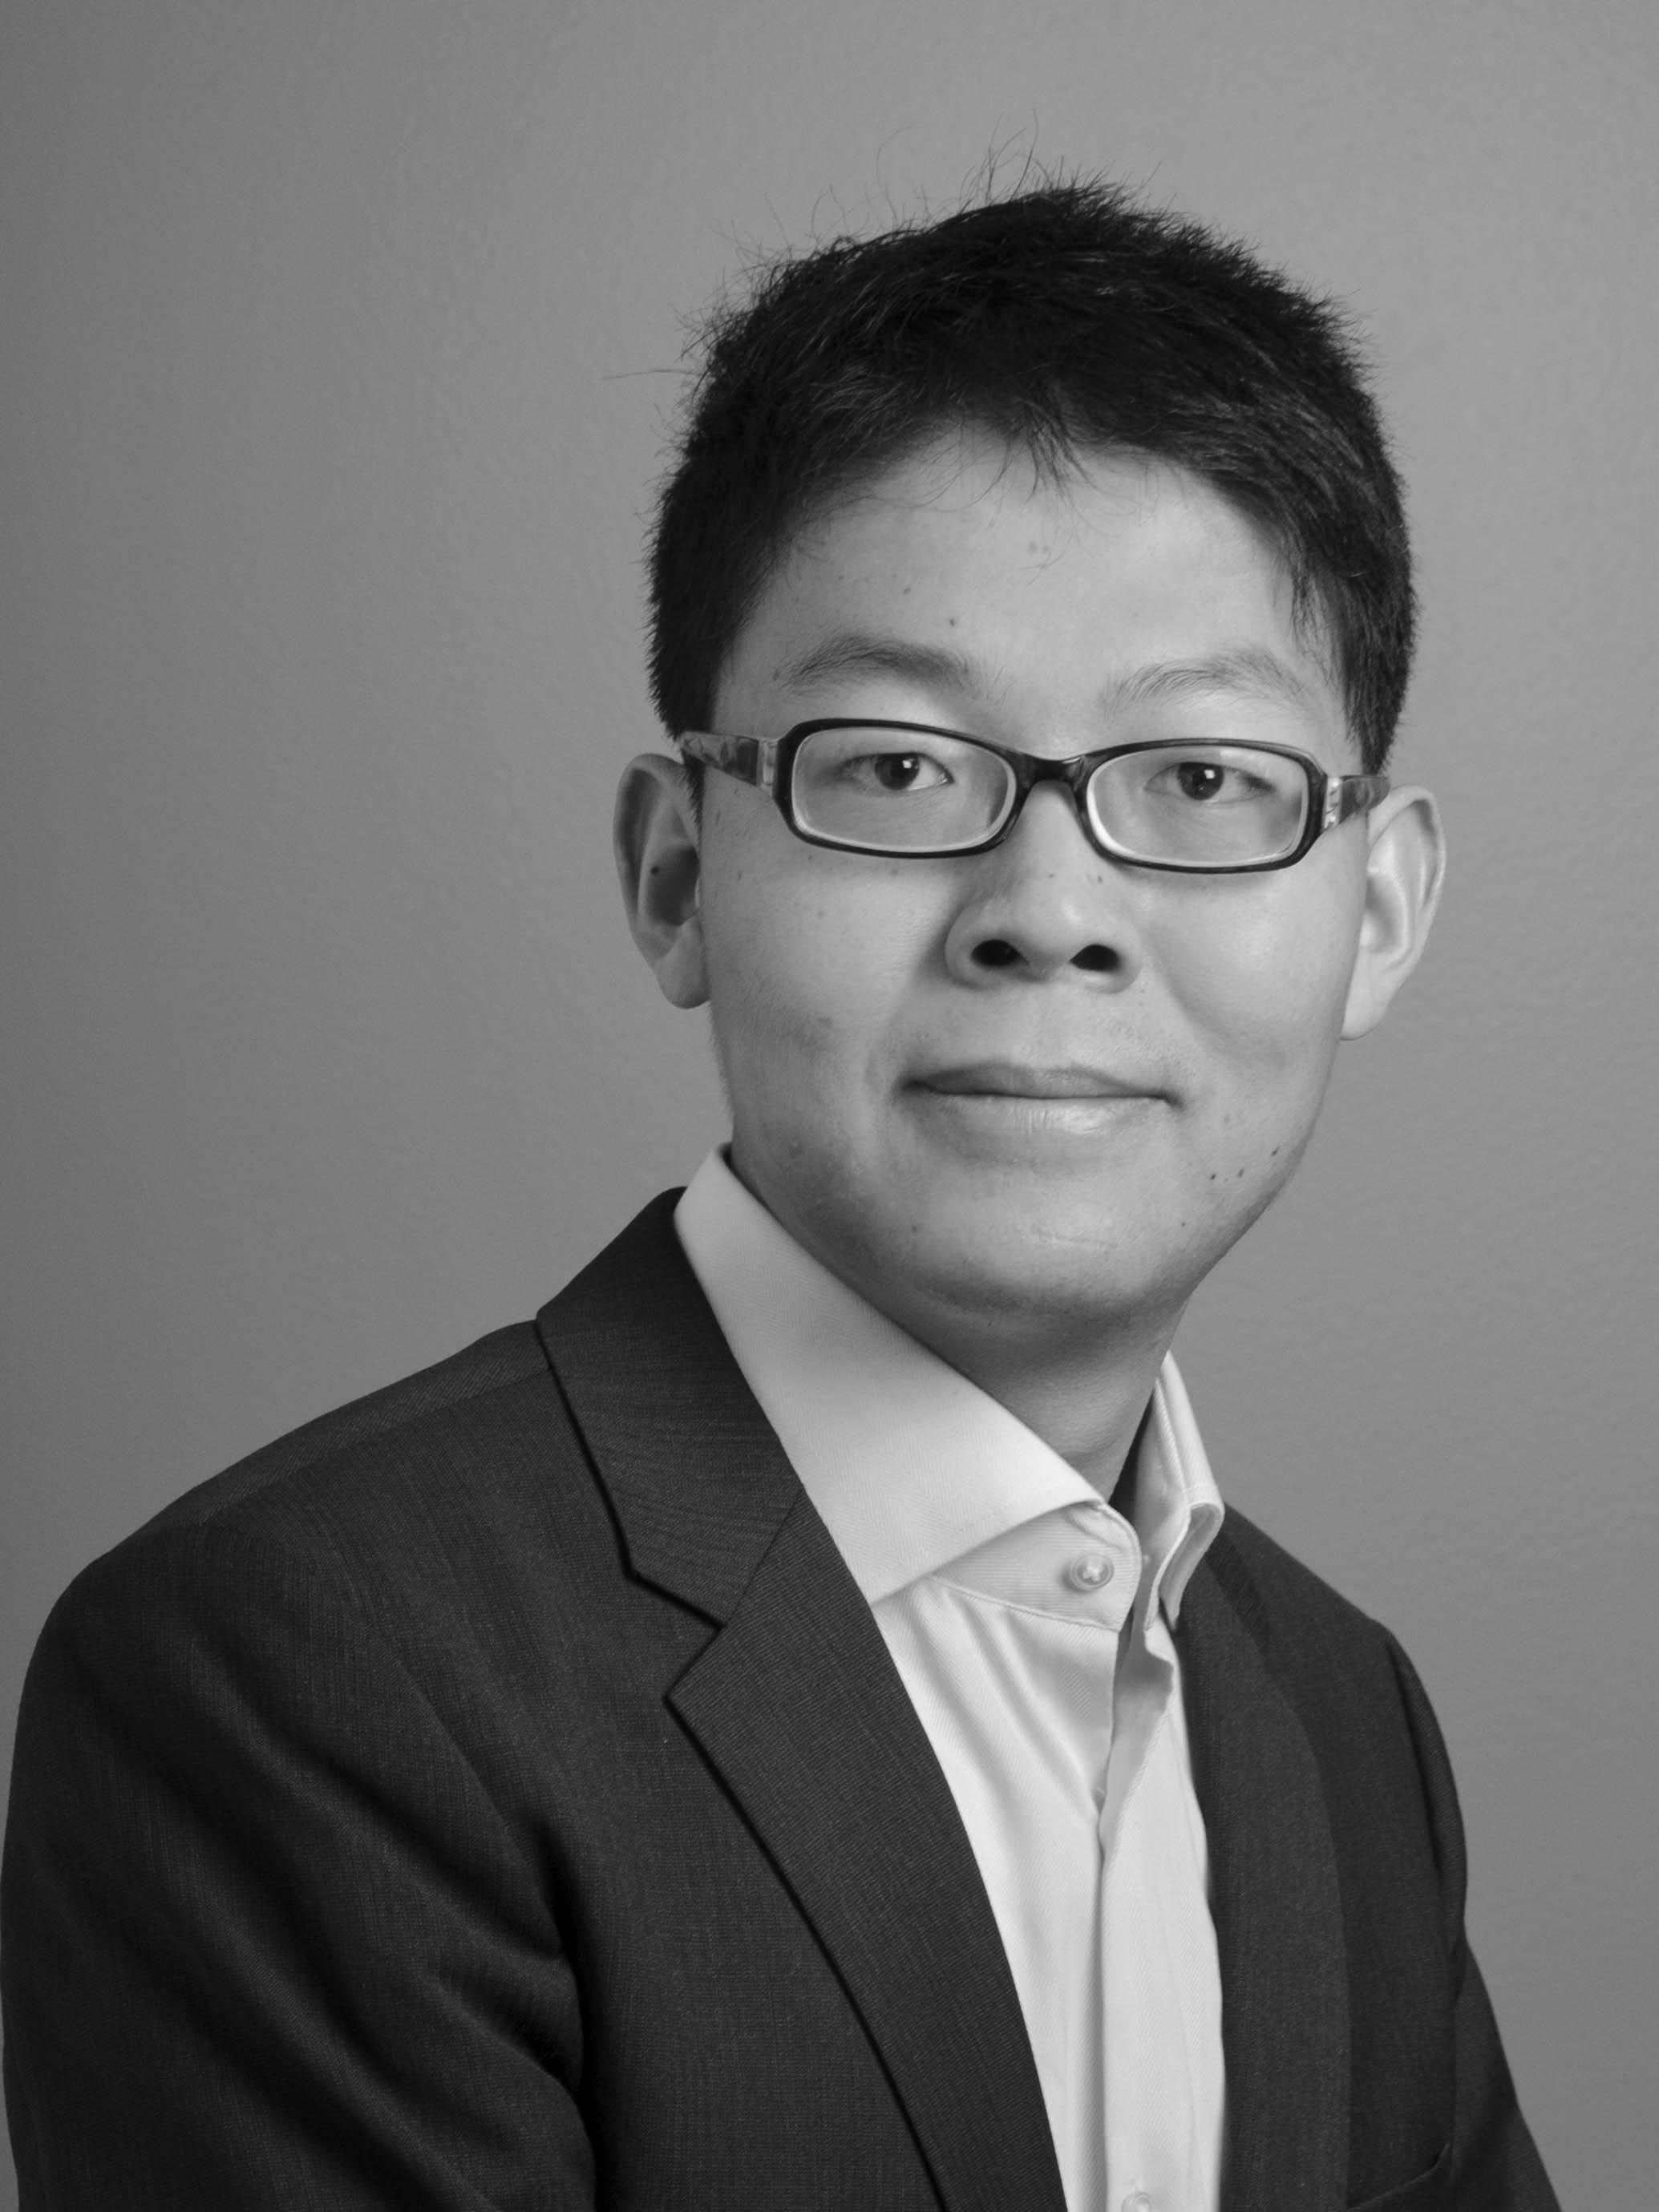 Xianliang (Ben) Wang